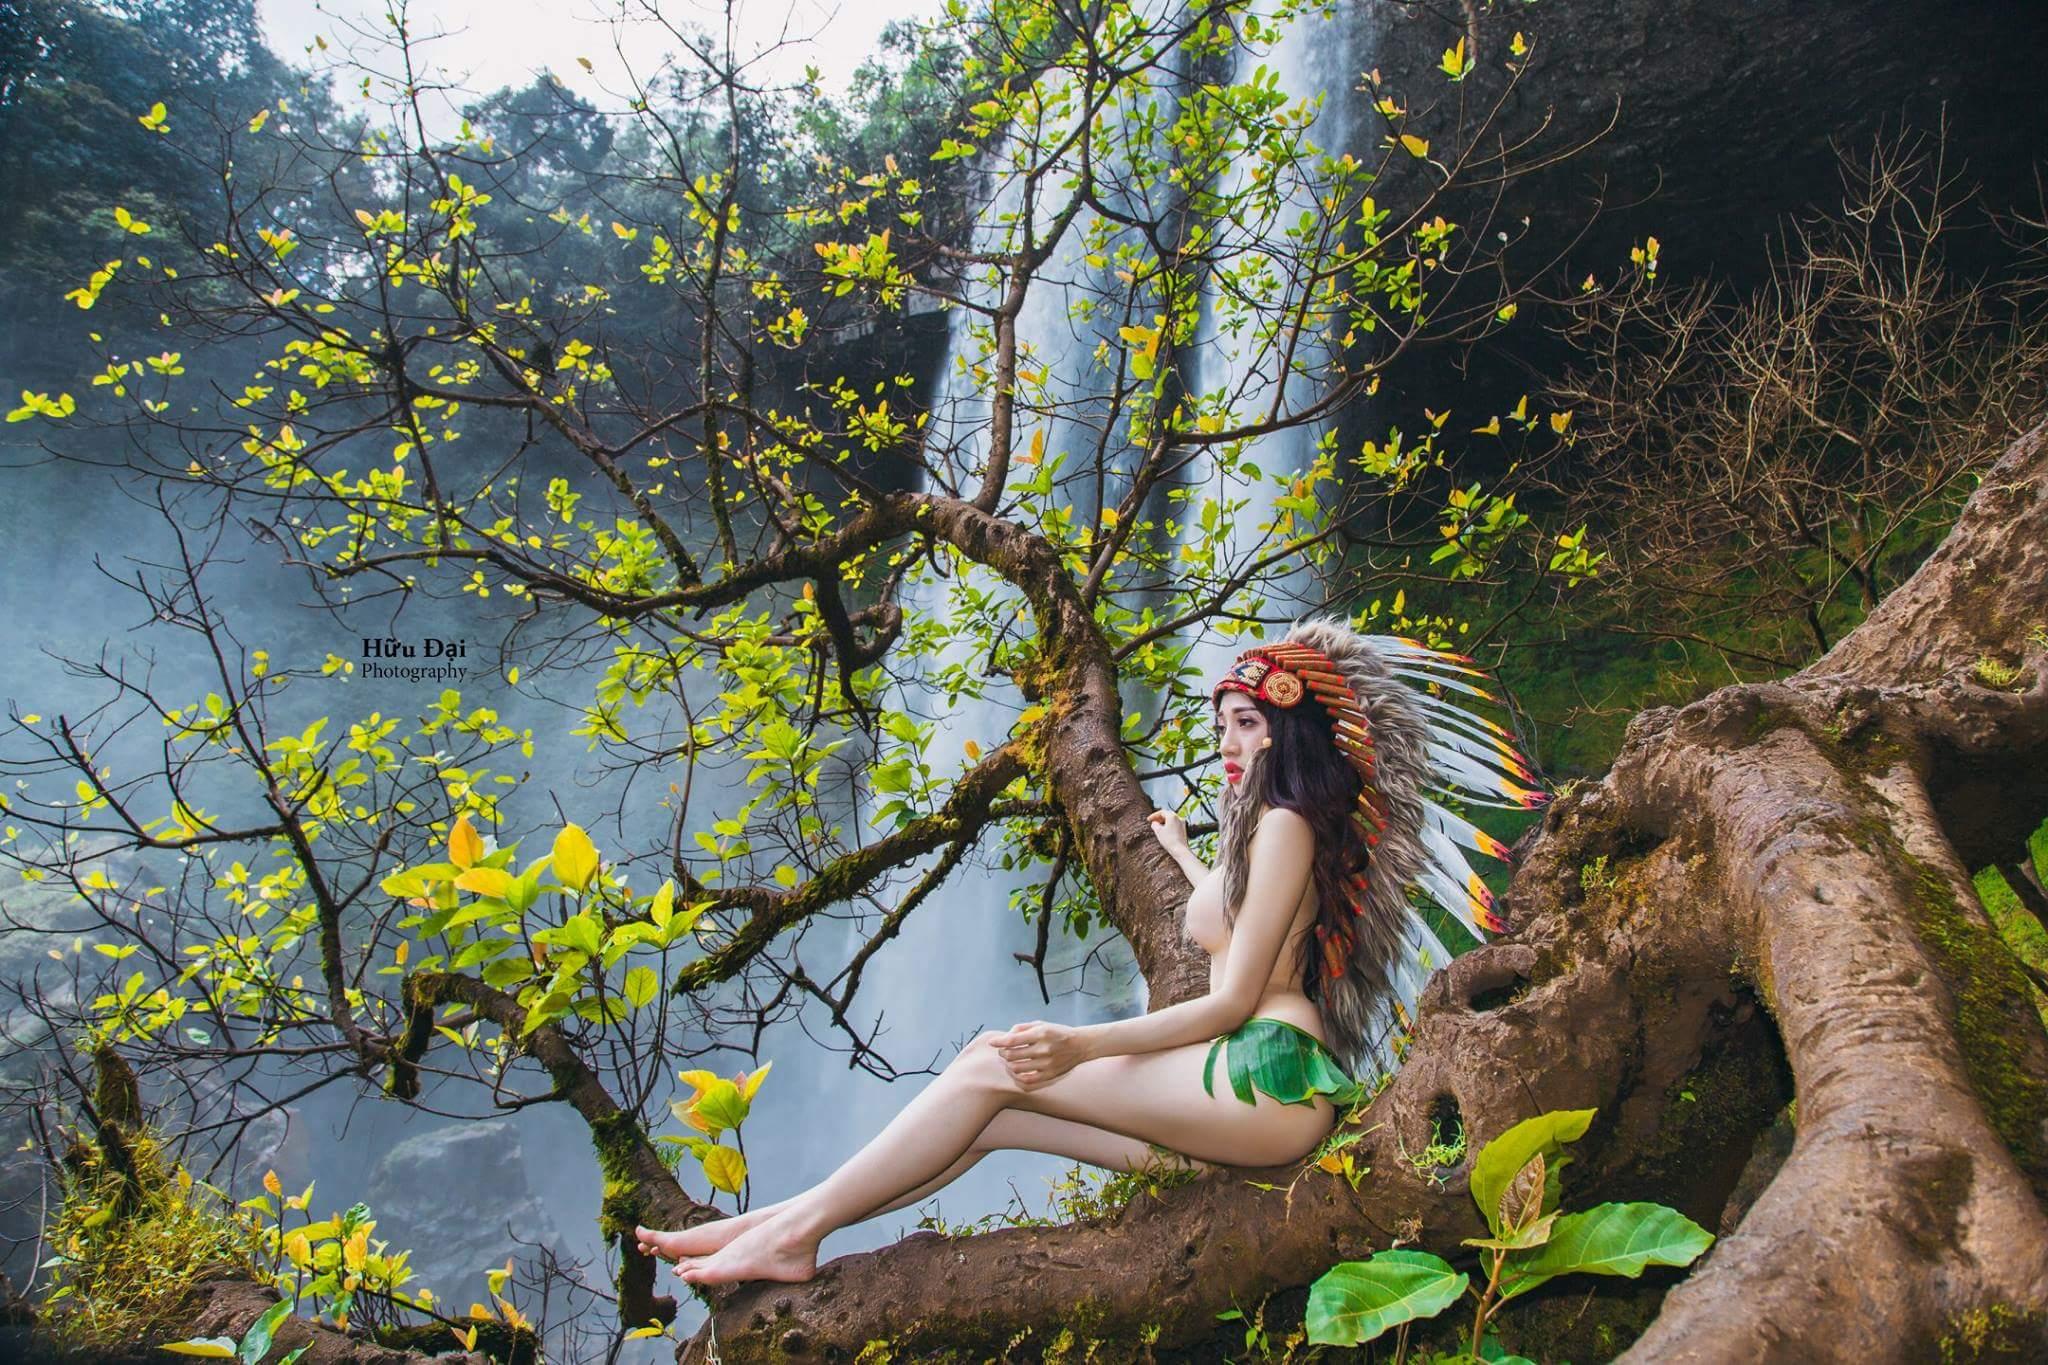 Nhi Tưng nữ thổ dân cực gợi tình photo Hữu Đại